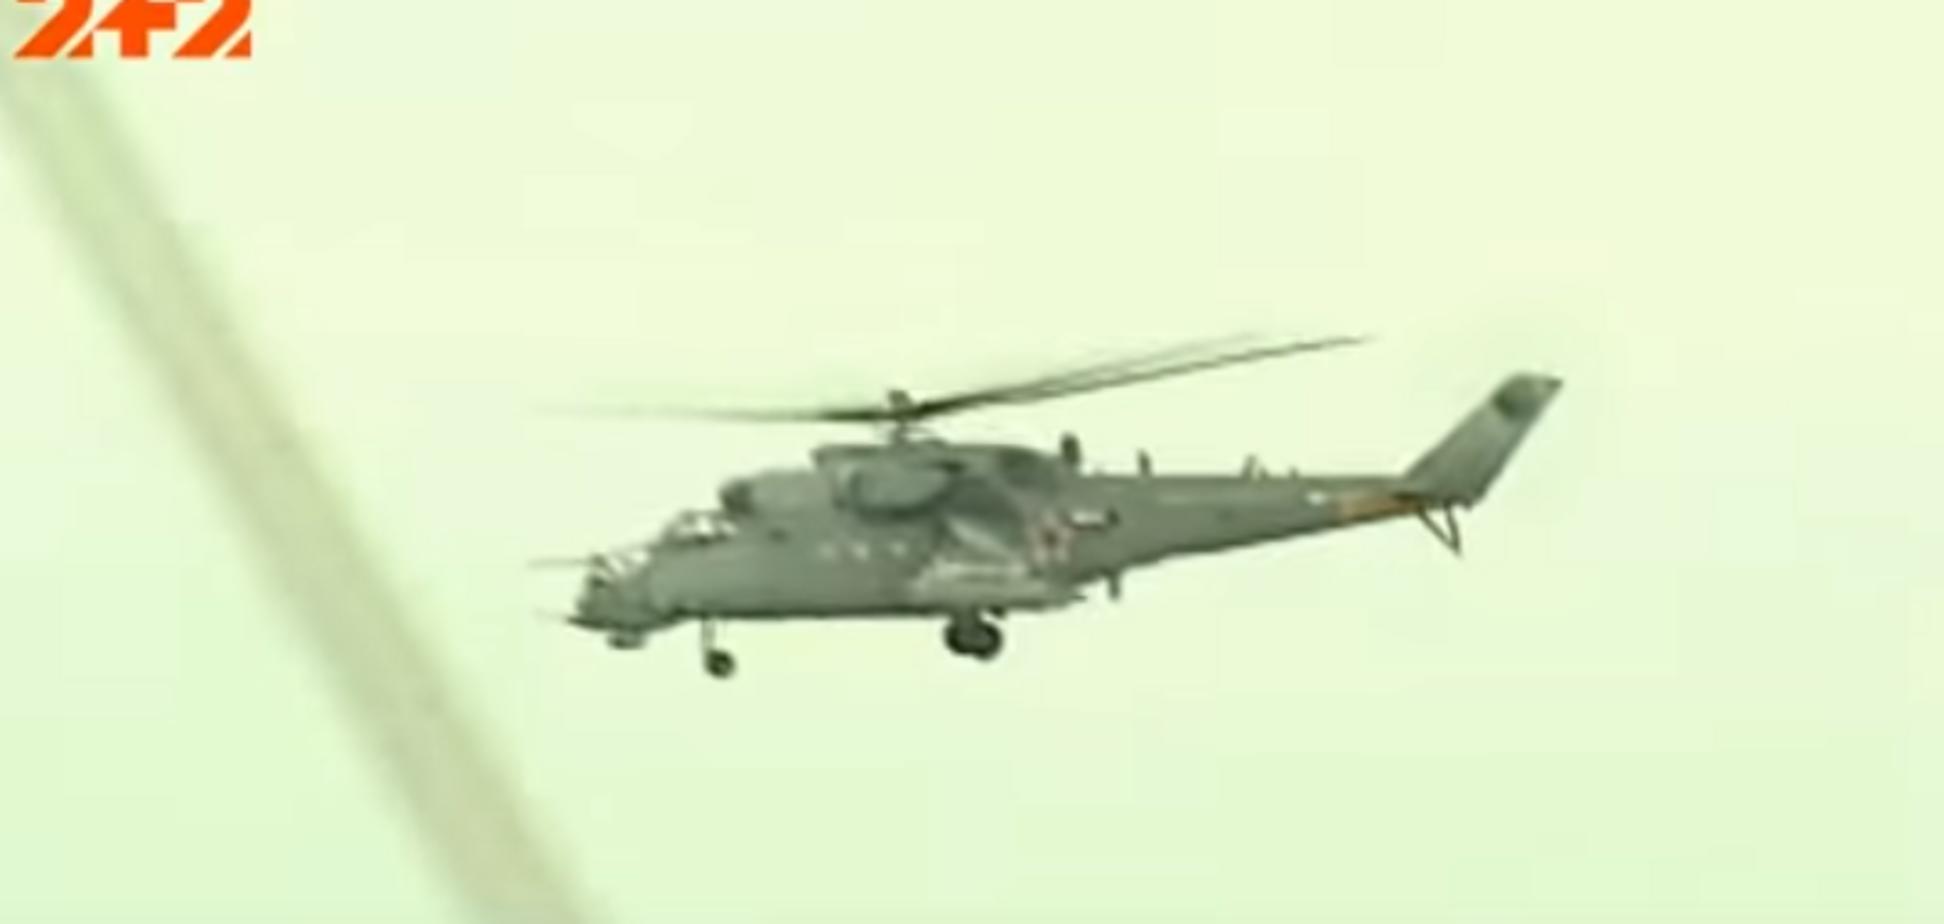 Российский боевой вертолет над Украиной: провокацию прокомментировали в ВСУ